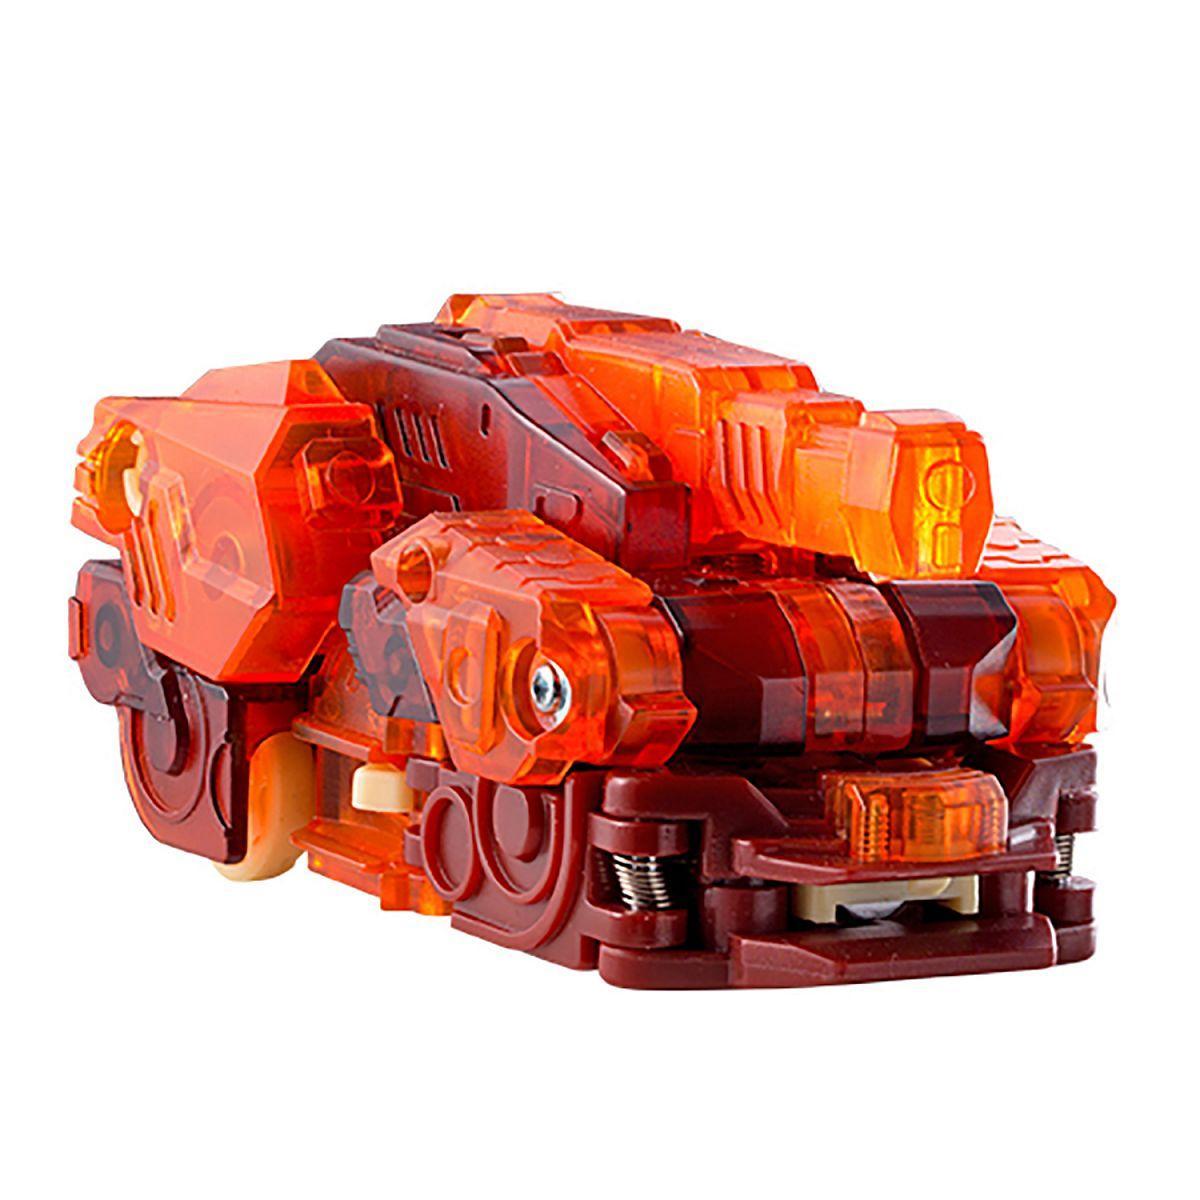 Дикие Скричеры 34828 Машинка-трансформер Спайкстрип Стегозавр л2 Screechers Wild Spikestrip - фото 3